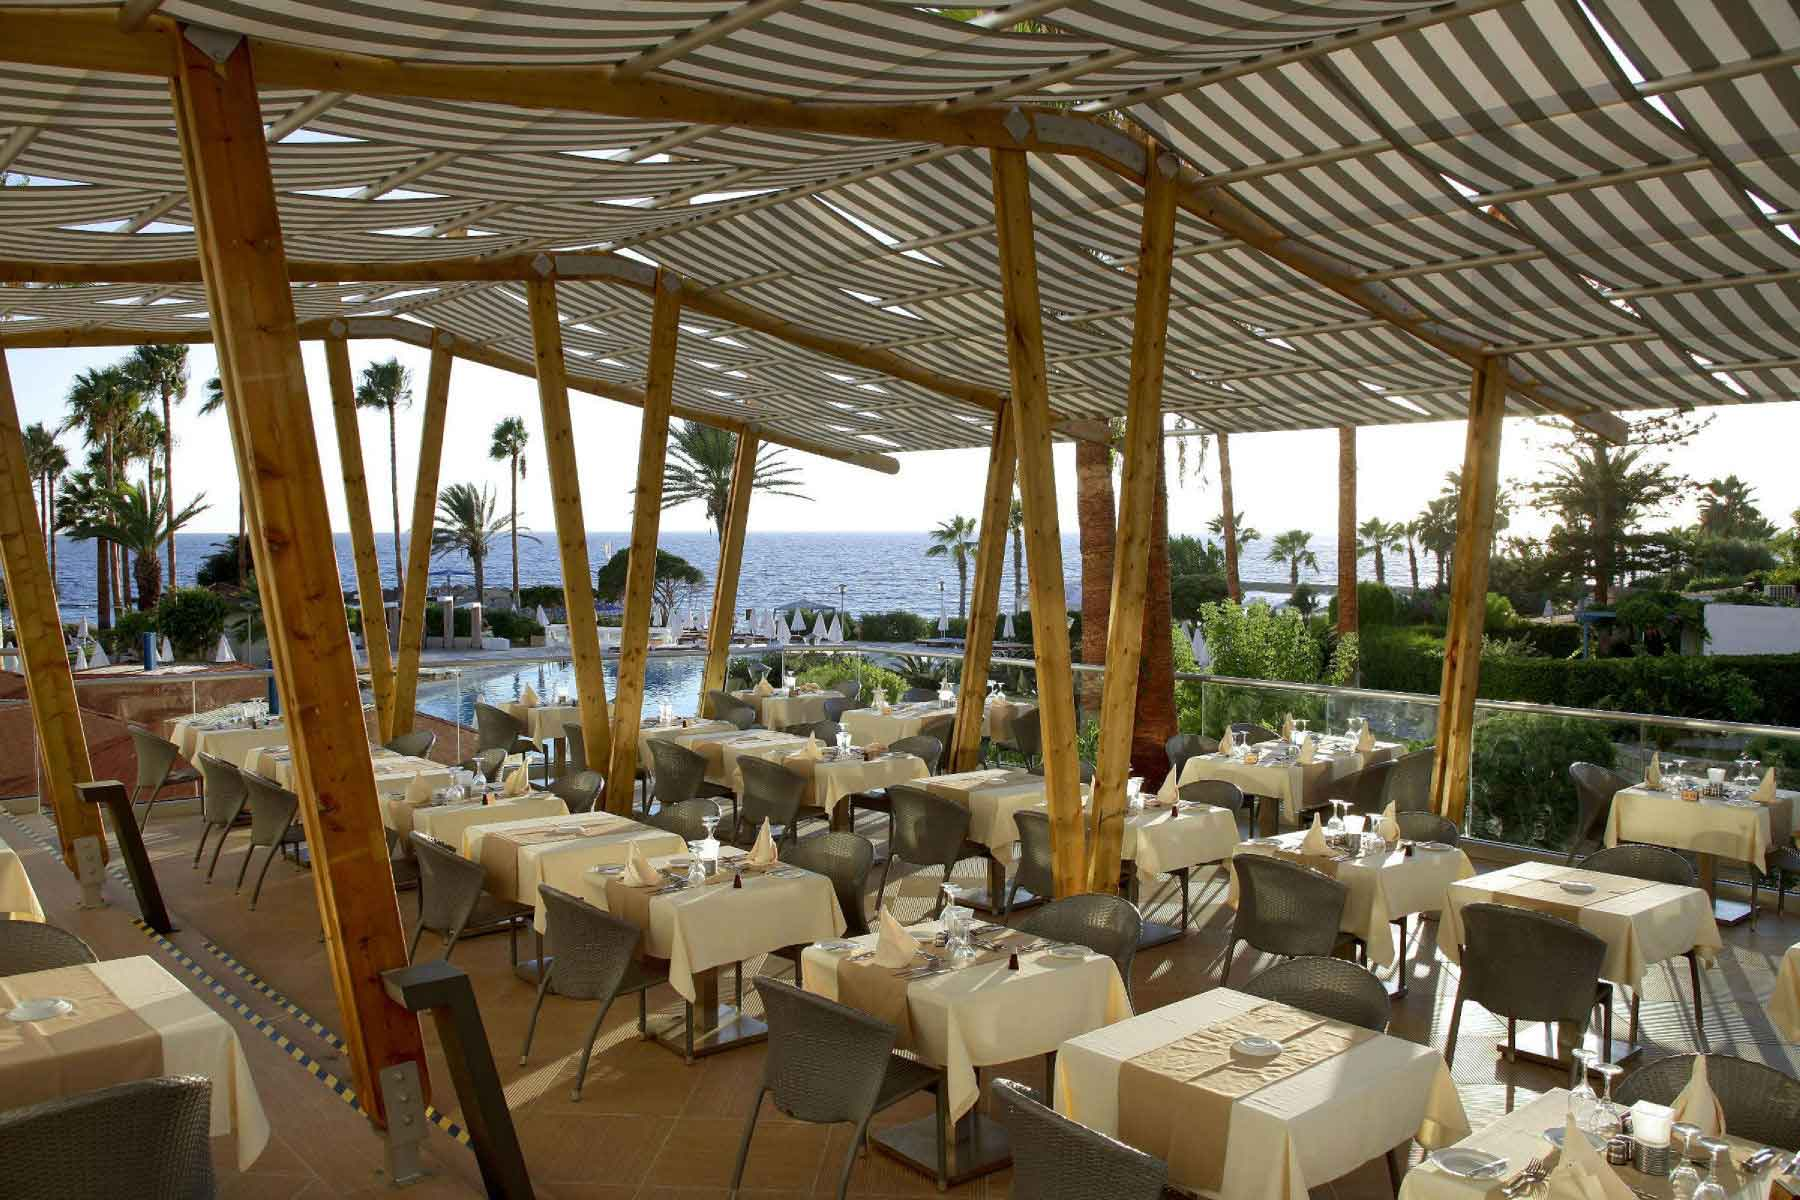 Cypria Maris Beach restaurant